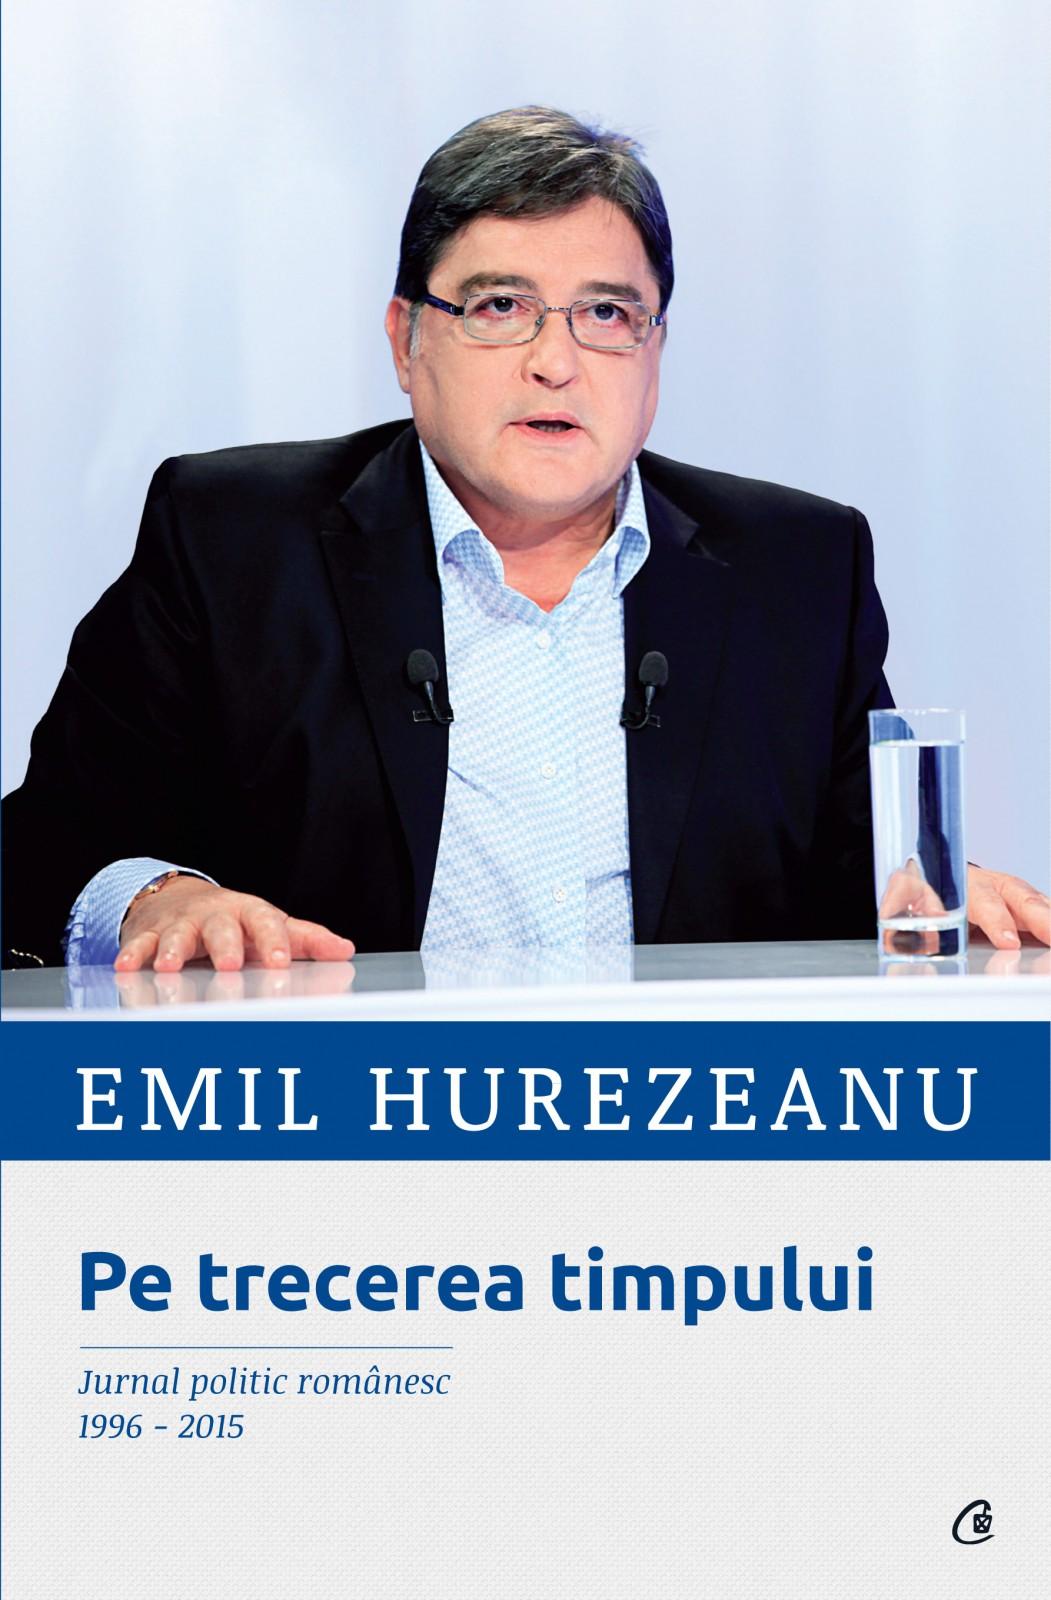 """""""Pe trecerea timpului. Jurnal politic românesc 1996-2015"""" de Emil Hurezeanu, lansări la Curtea de Argeș și Pitești"""